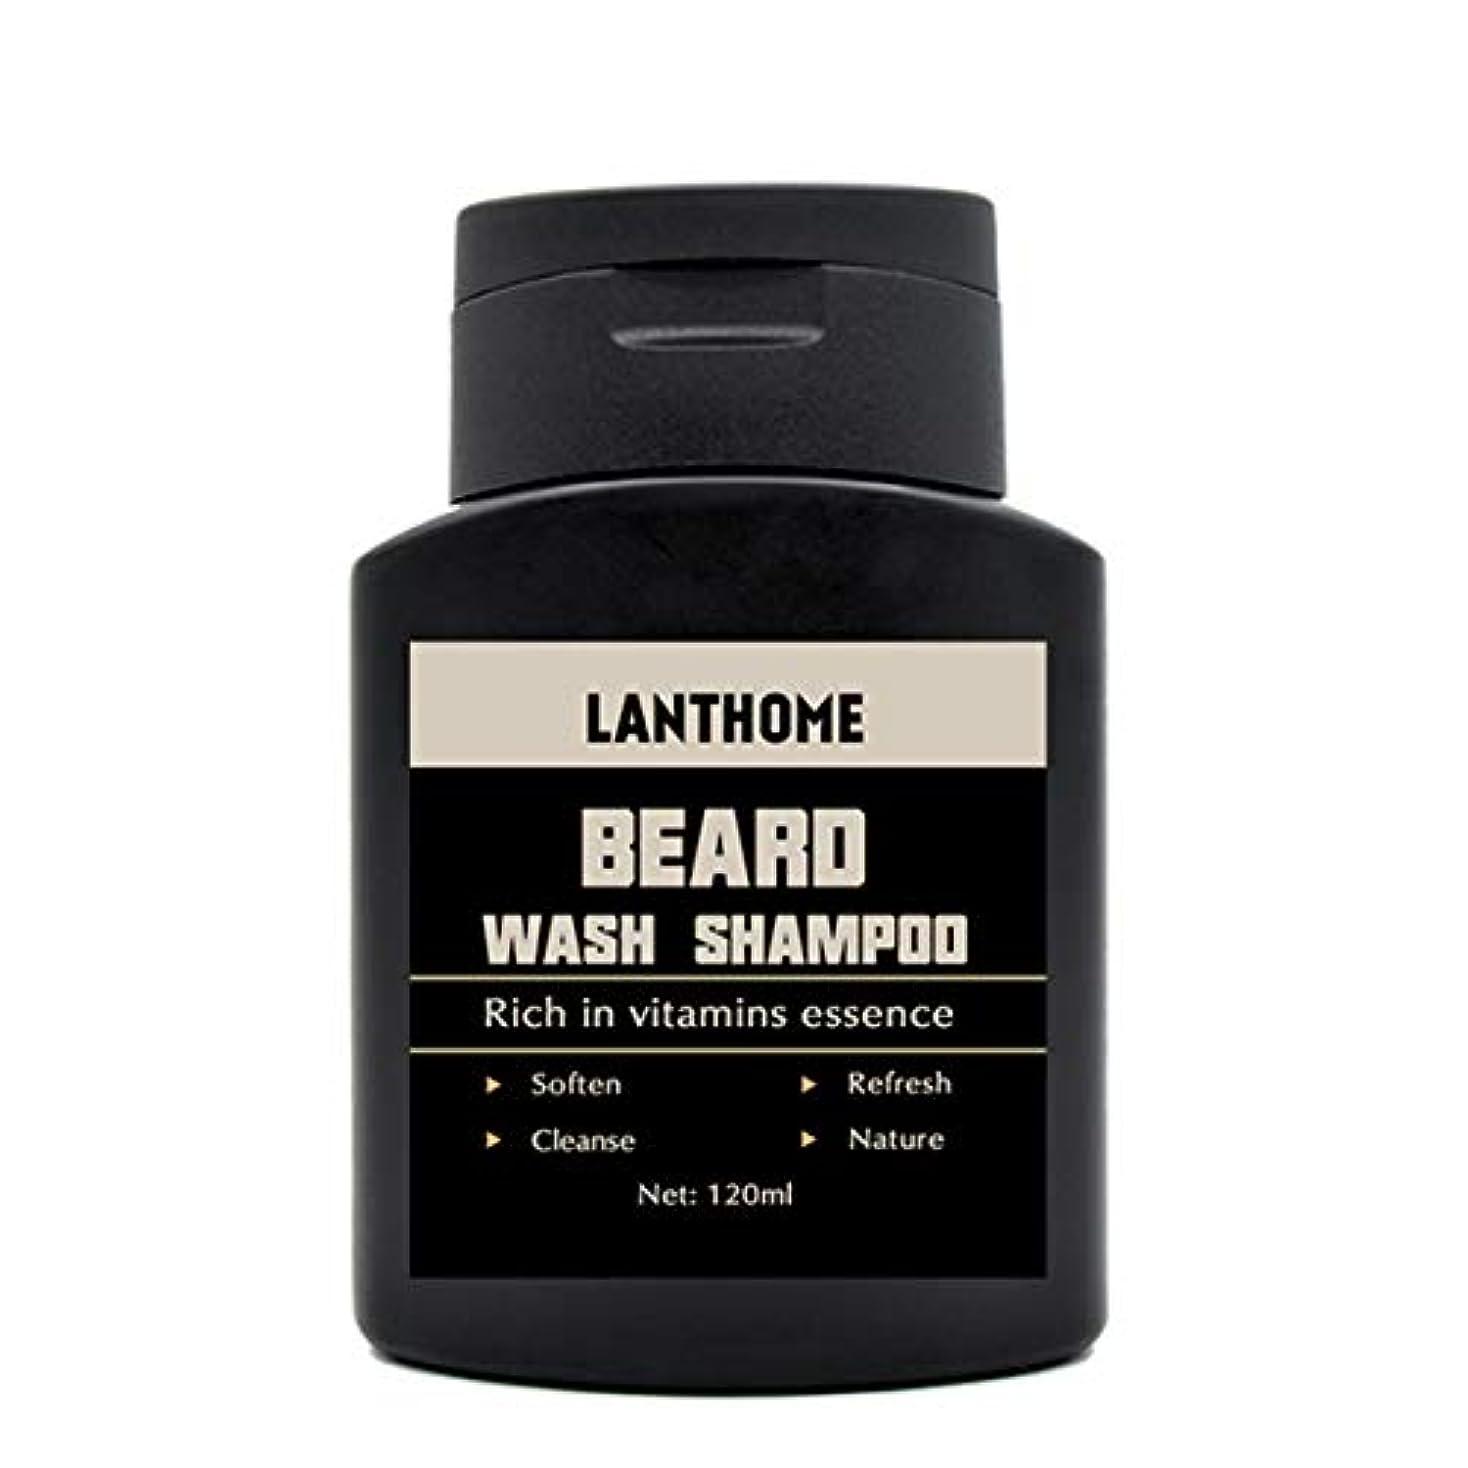 優しい弾力性のあるながらOUNONA ラントホームビアードウォッシュシャンプーコンディショナーモイスチャライザービアクリーン液体ヘアビタミンエッセンスヘアケア栄養